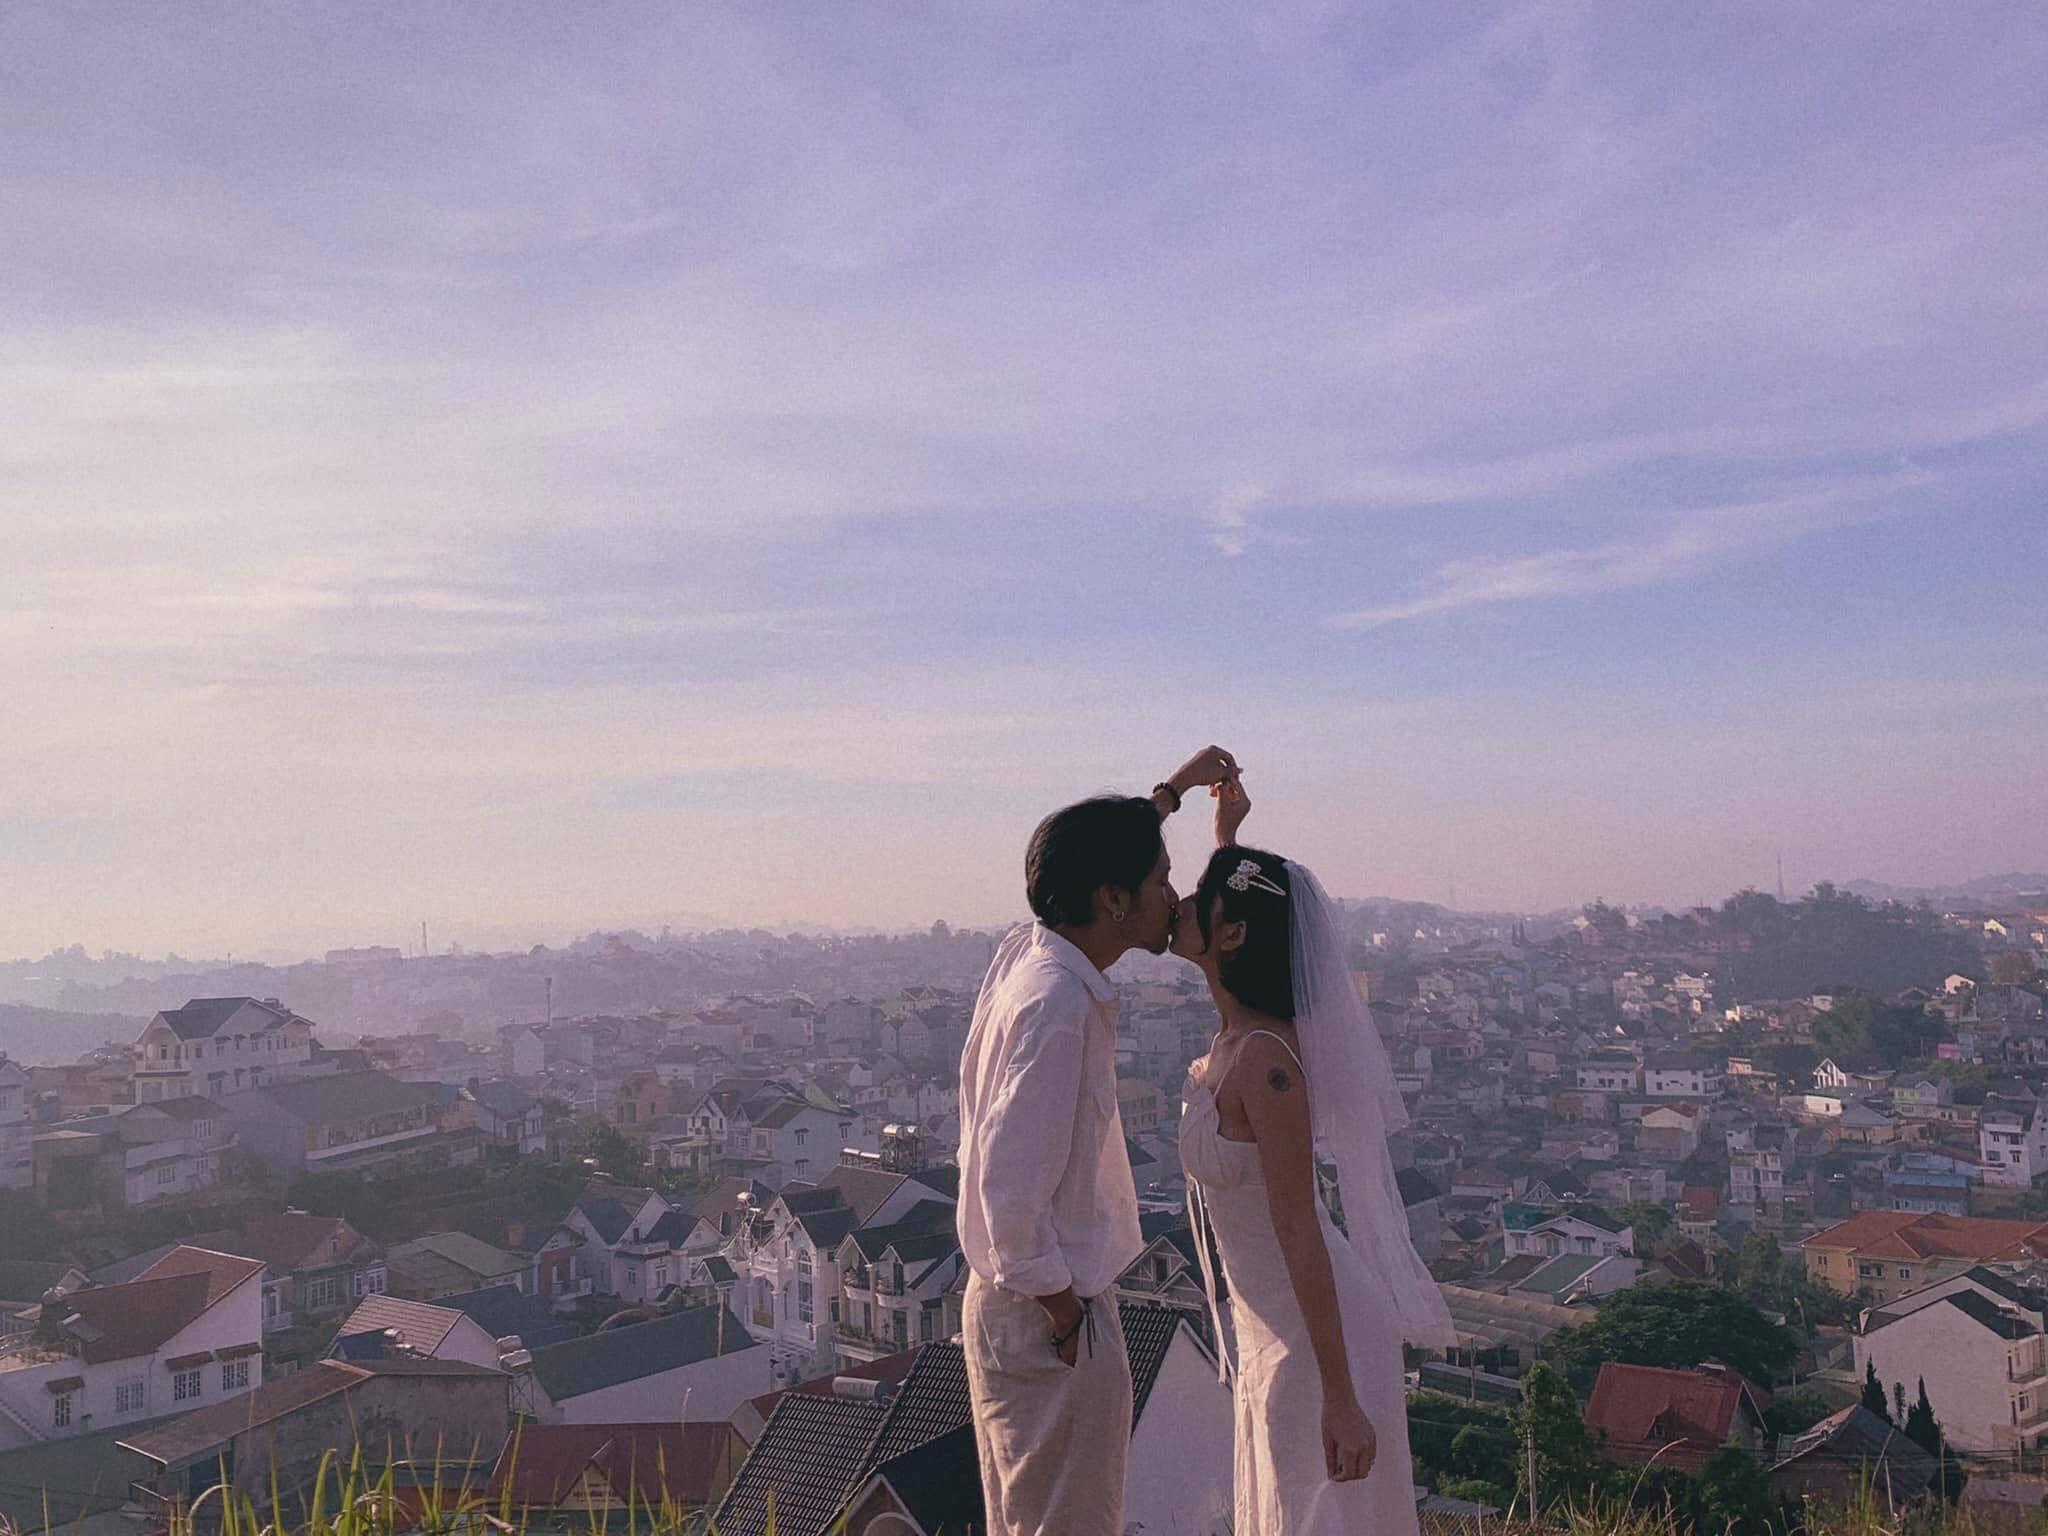 Ảnh cưới 'siêu' lãng mạn tự chụp bằng tripod của cặp đôi 2222 ngày yêu nhau